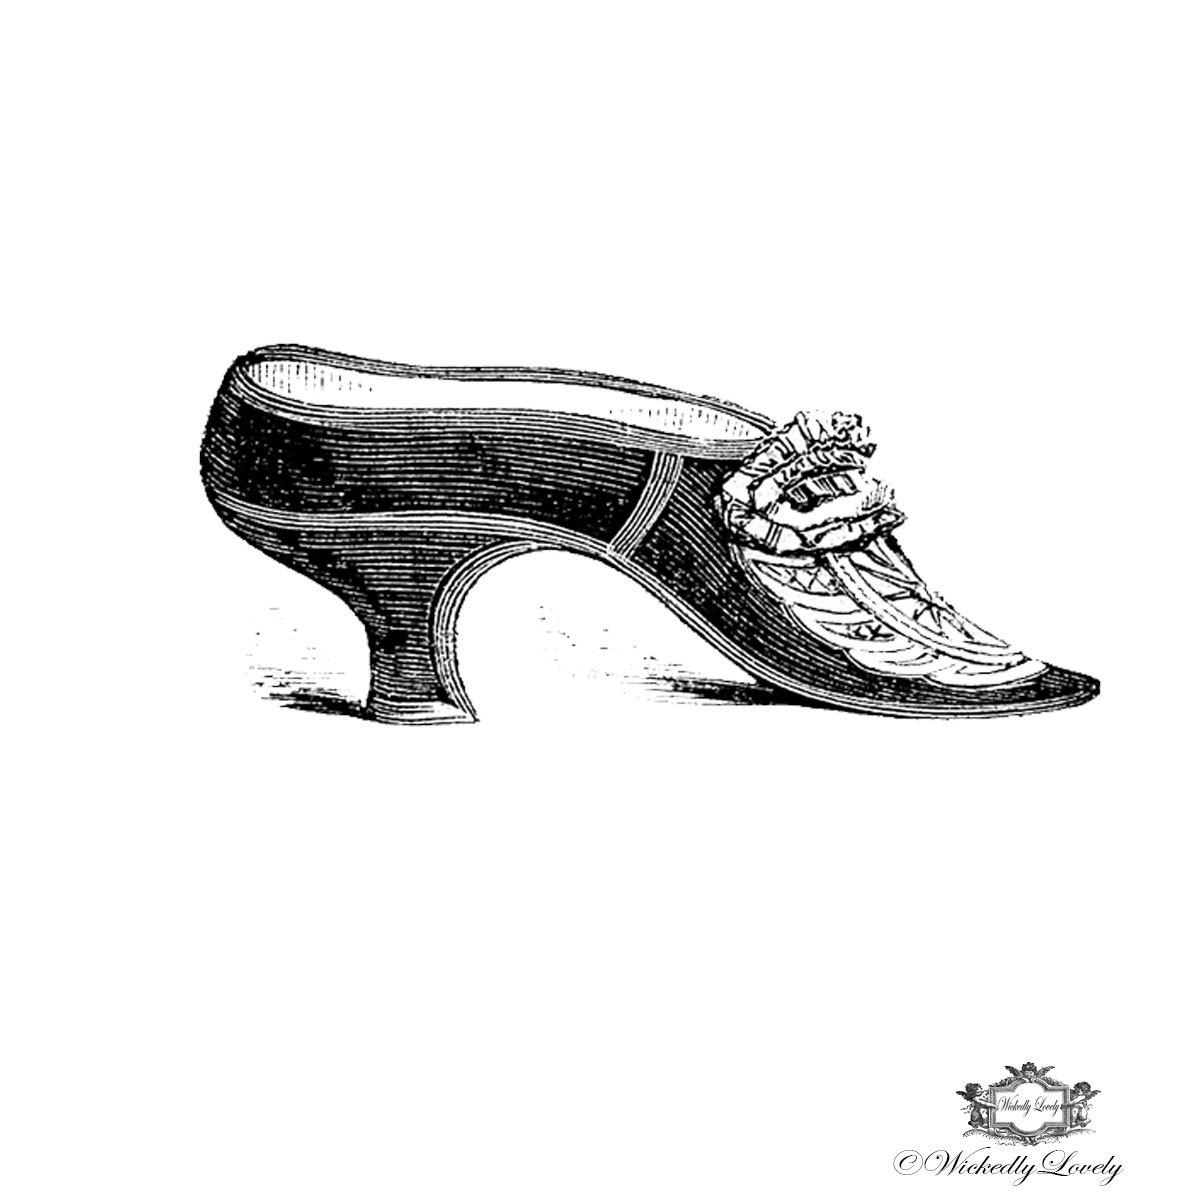 Drawn shoe vintage shoe #3